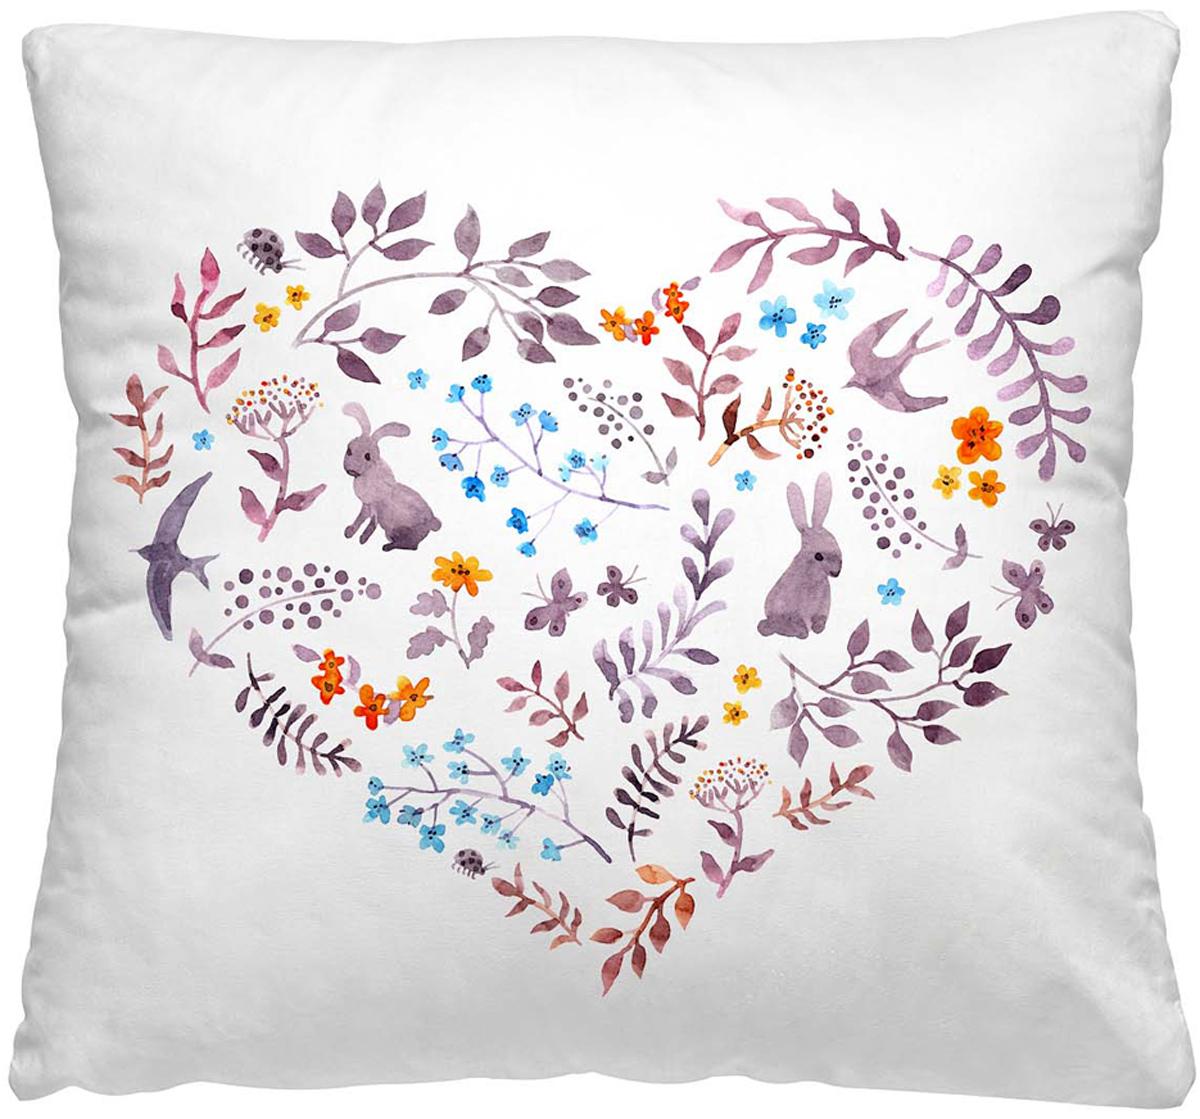 Подушка декоративная Волшебная ночь Сердце, 40 х 40 см подушка декоративная волшебная ночь колибри 40х40 см